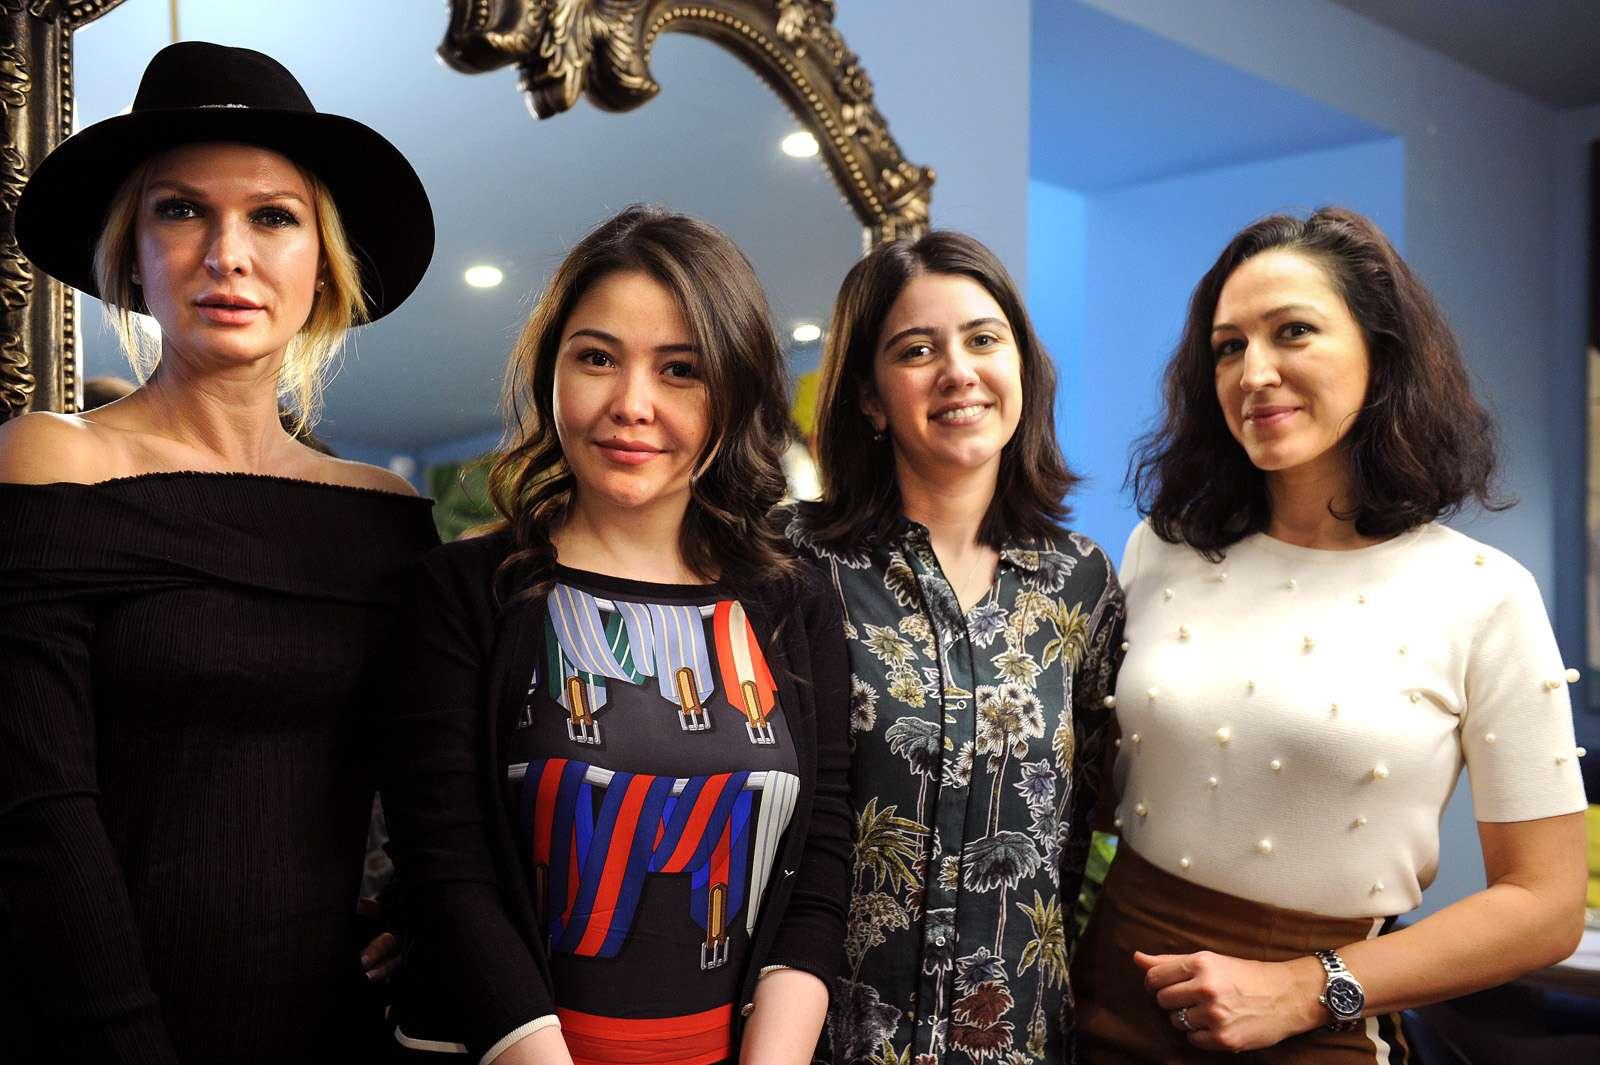 Дружеская встреча в честь открытия отеля Stamba в Тбилиси